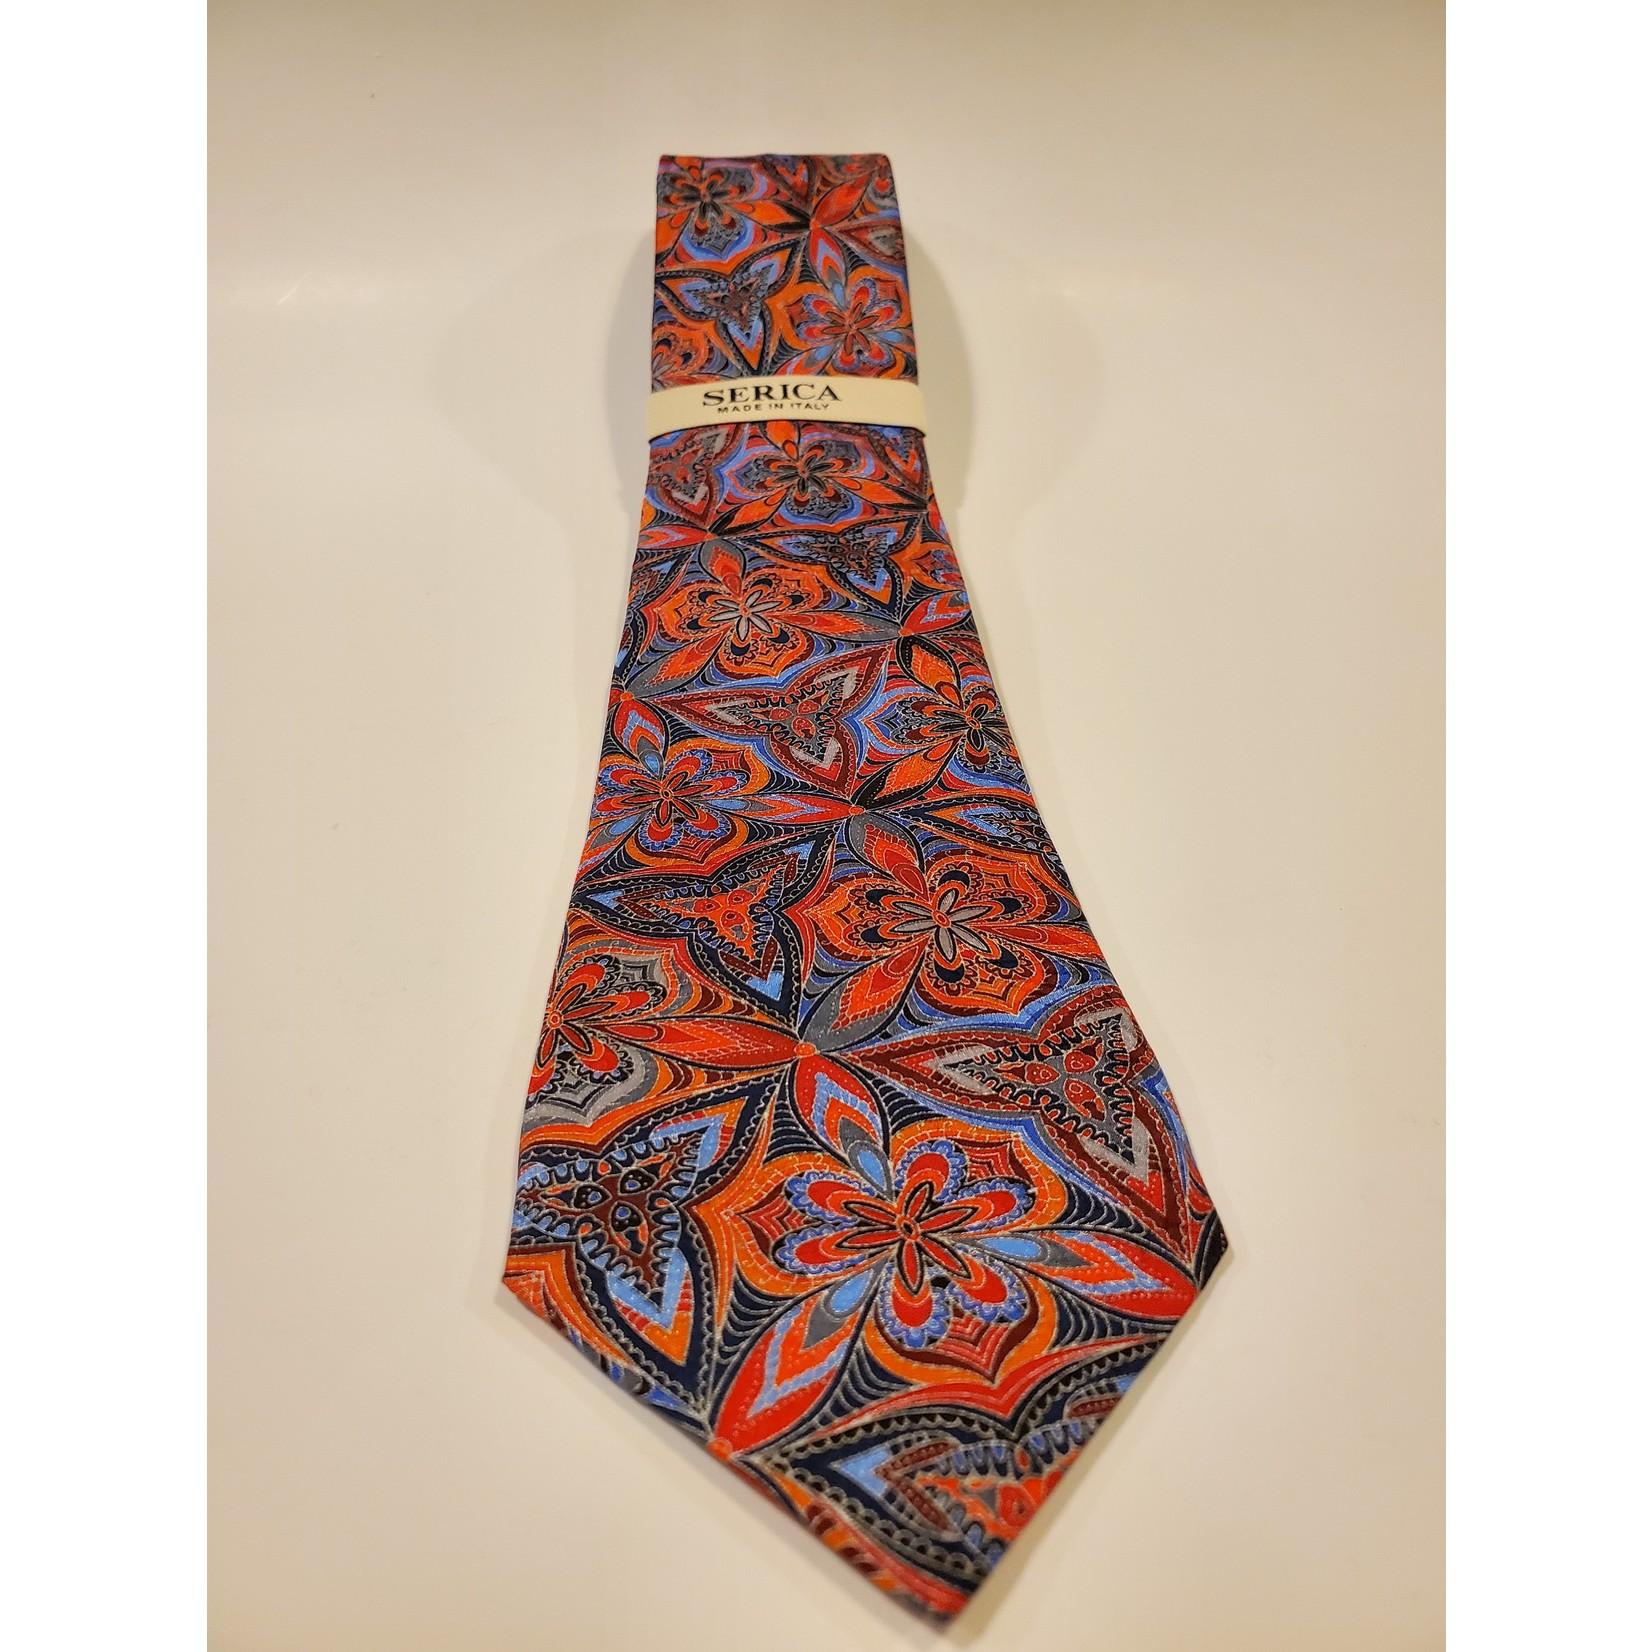 Serica 203218 Printed Silk Tie B - Large Red Floral